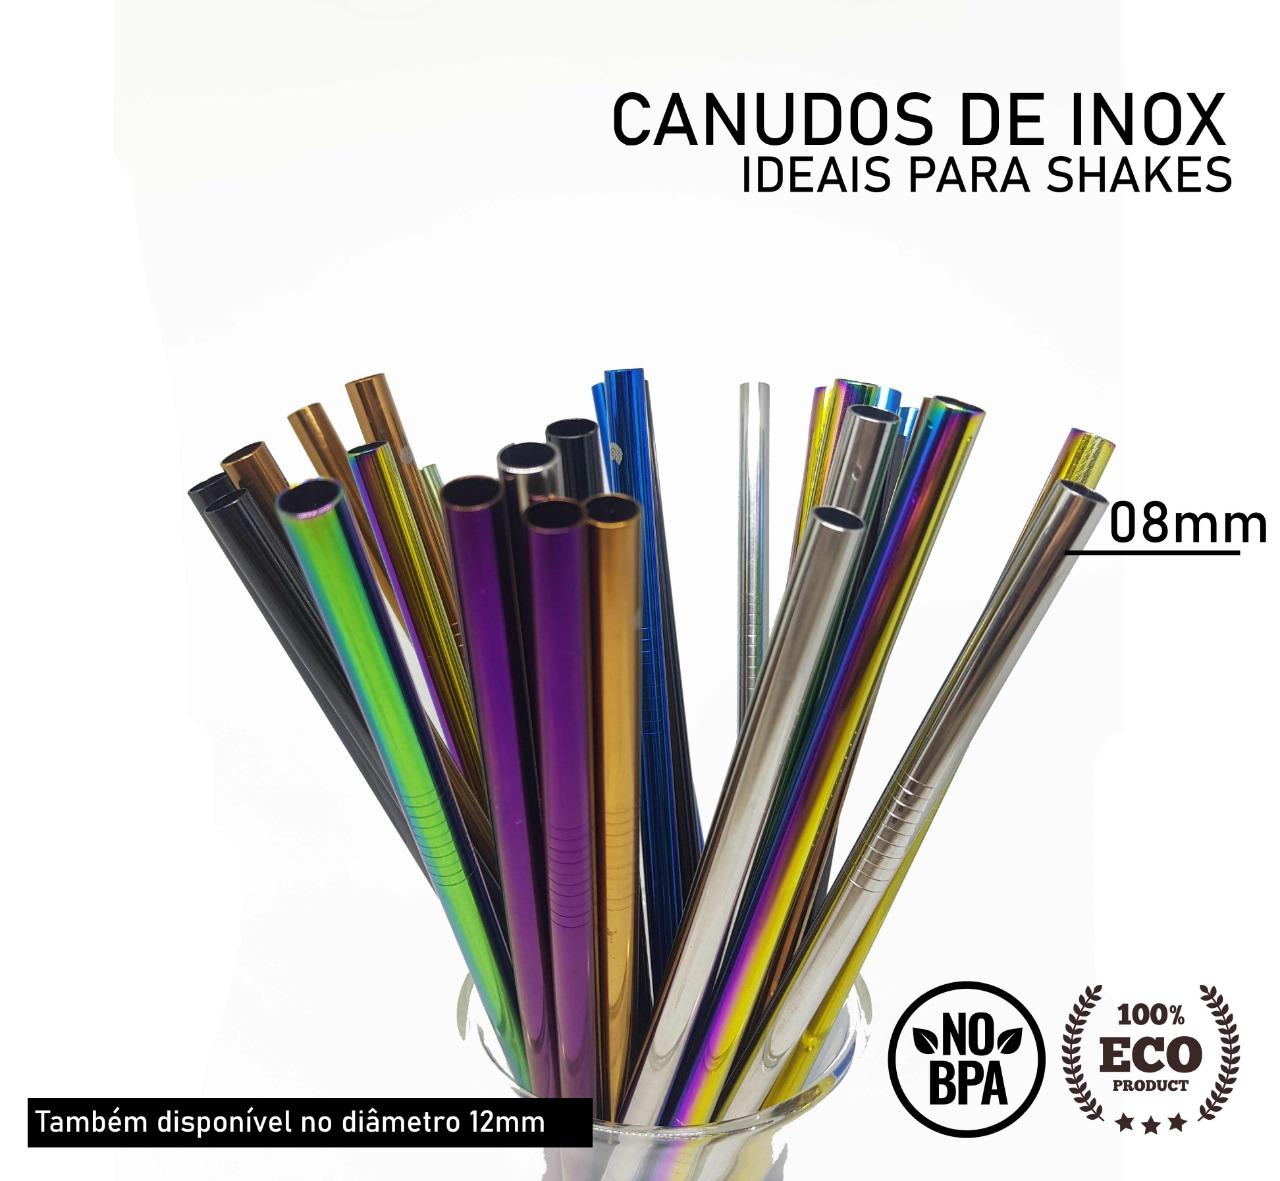 Kit 5 em 1-3 Canudos de Inox + Escova + Ecobag (Shake 8mm) Azul - Planet B